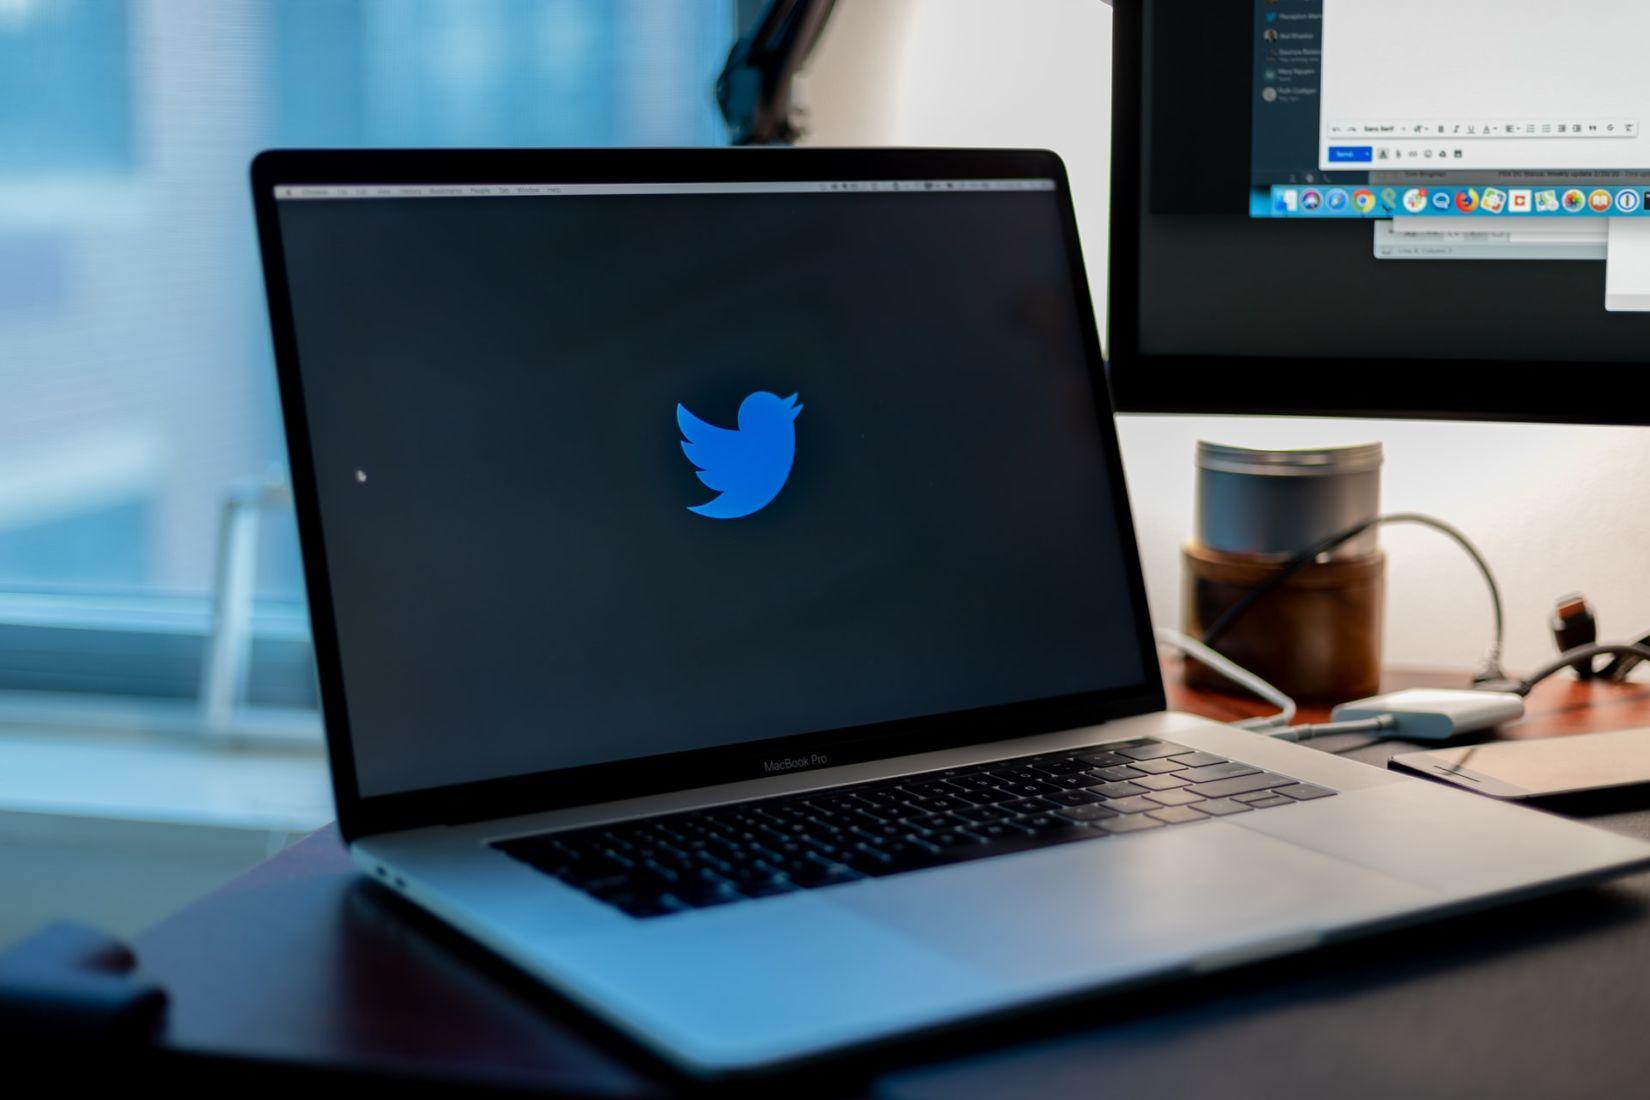 Twitter เปิดใช้ฟีเจอร์ใหม่ จำกัดคนตอบทวีตได้ตามต้องการ | Tadoo